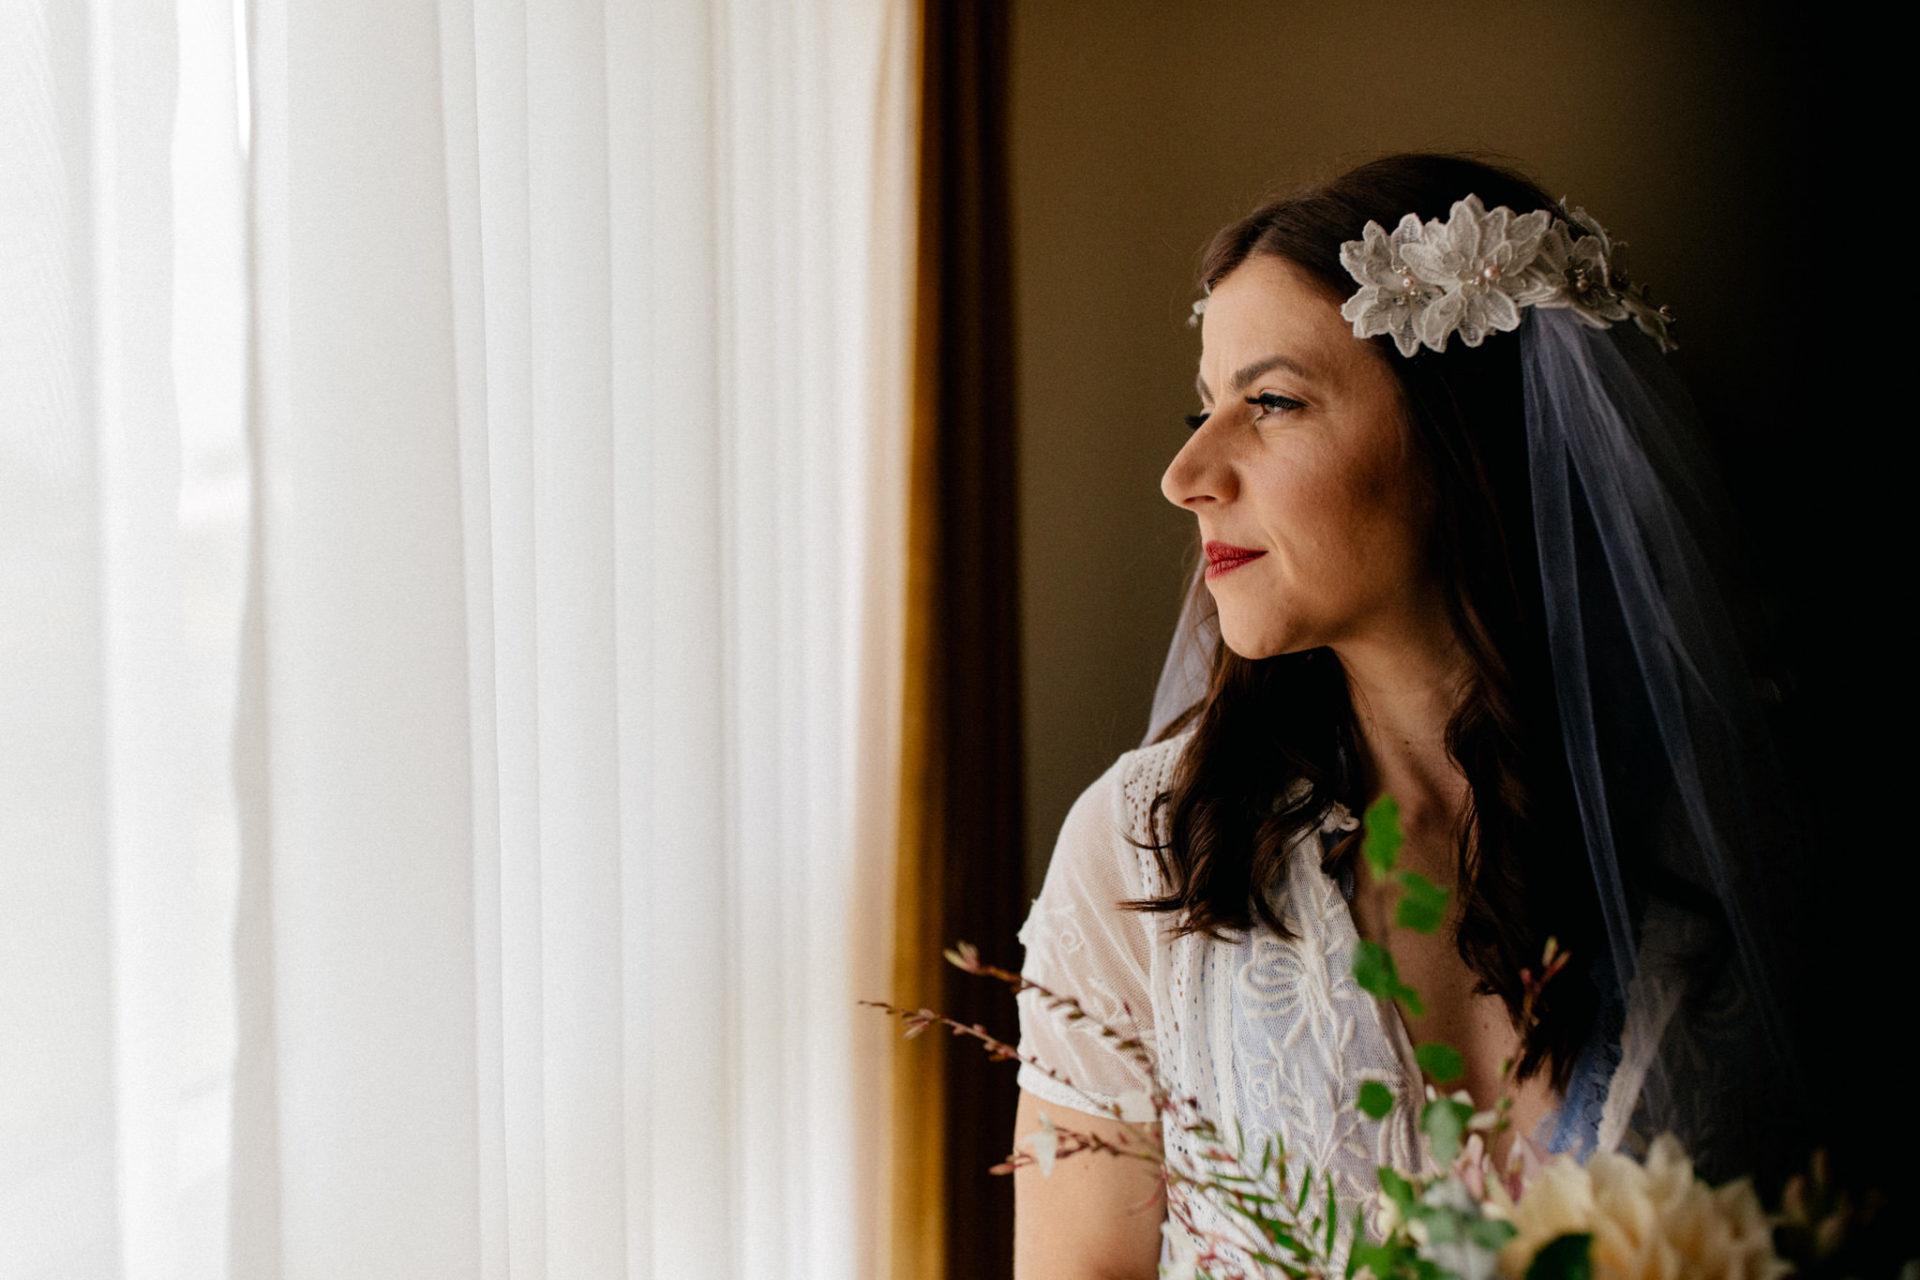 Hochzeitsfotograf Australien Melbourne-DIY Gartenhochzeit-Brautportrait am Strand-Brautstrauß-Getting Ready